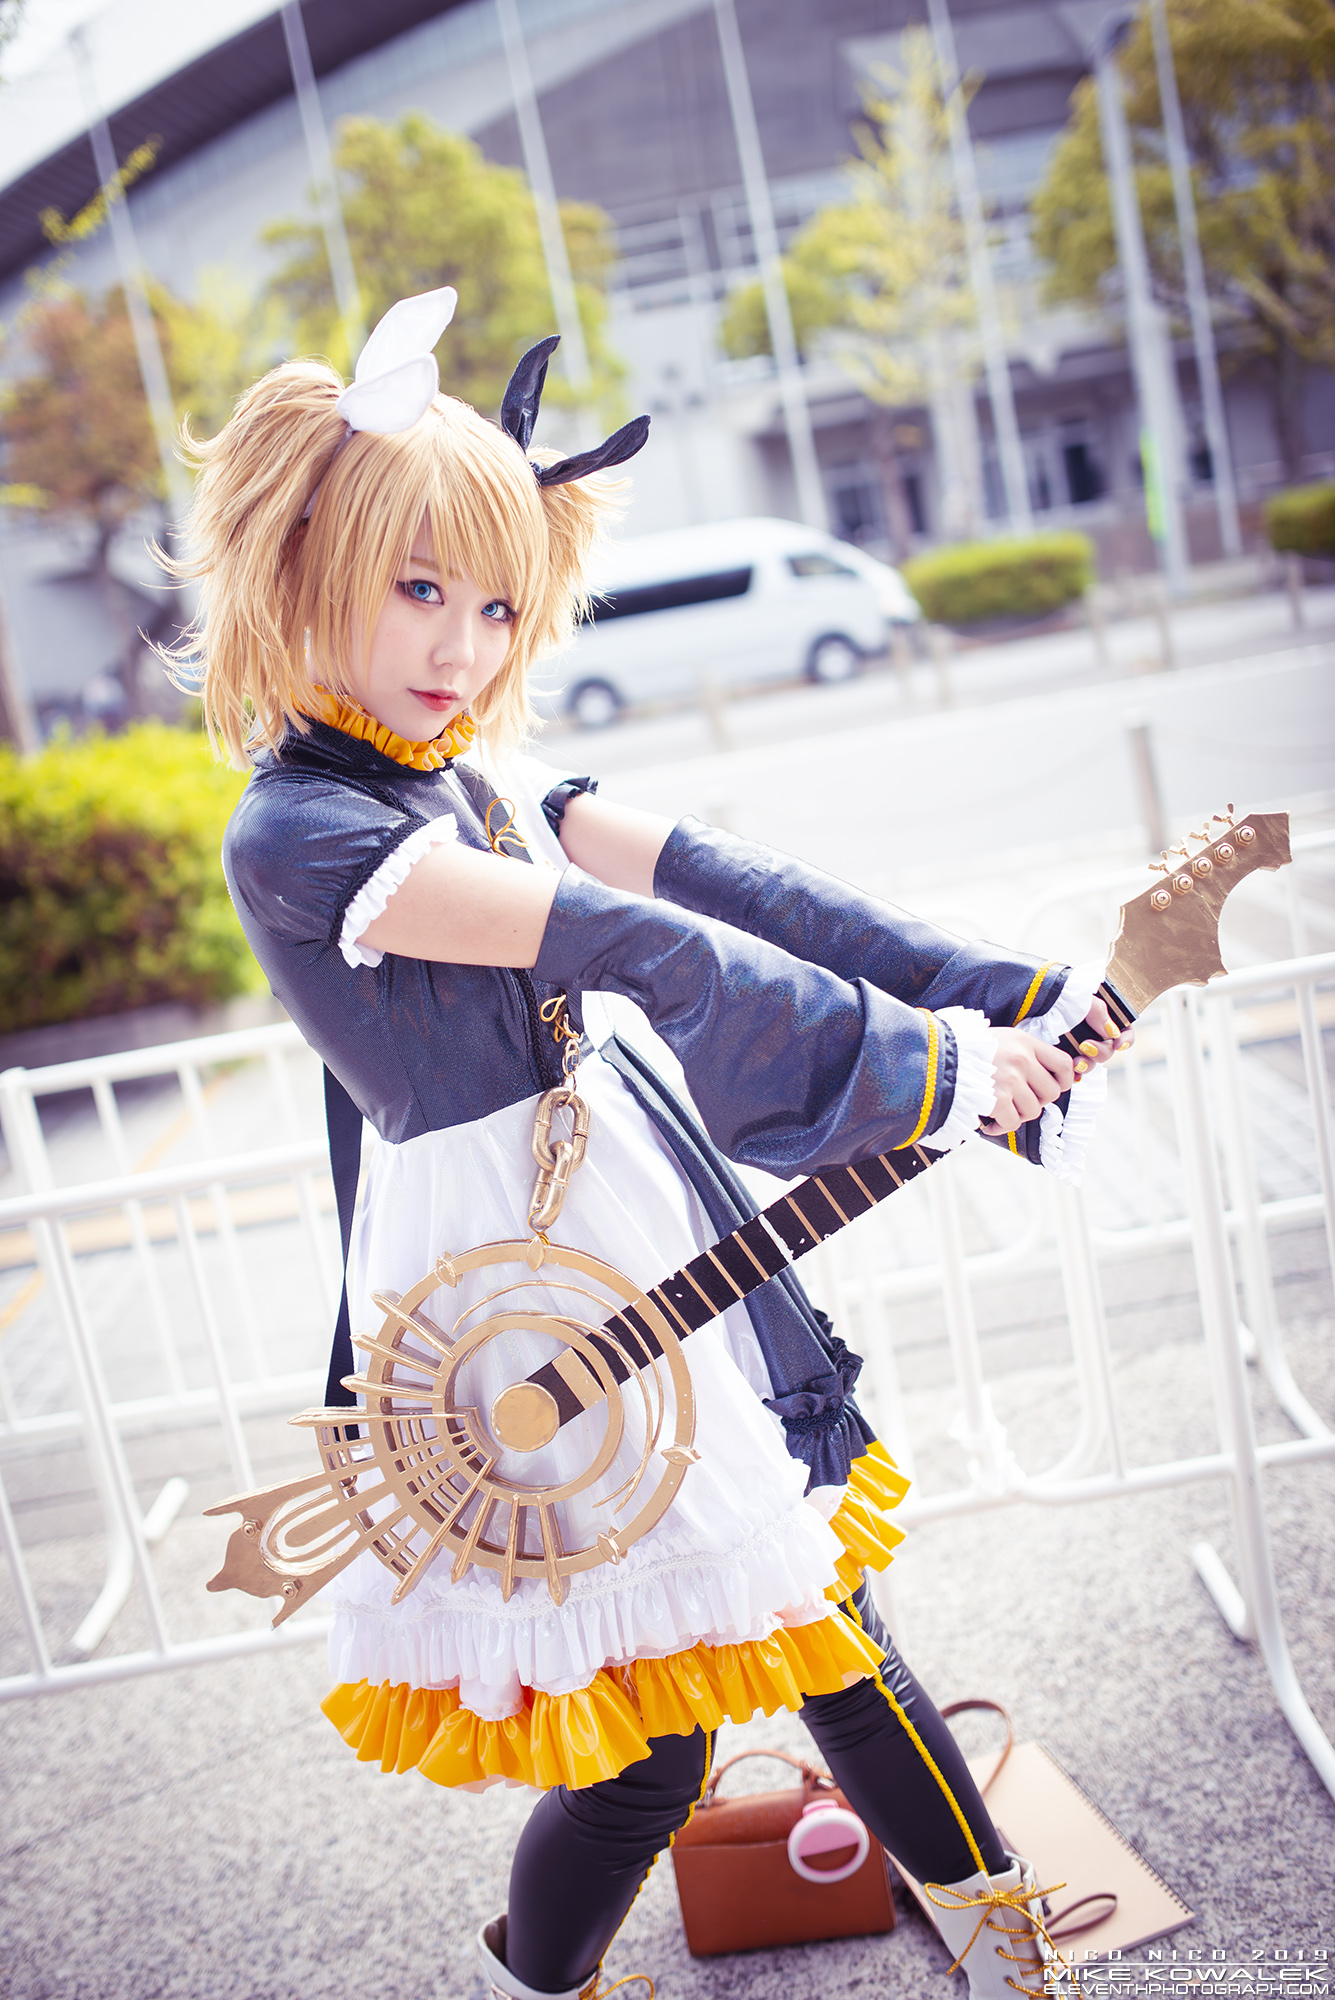 Cosplayer: @ahekokoko0527